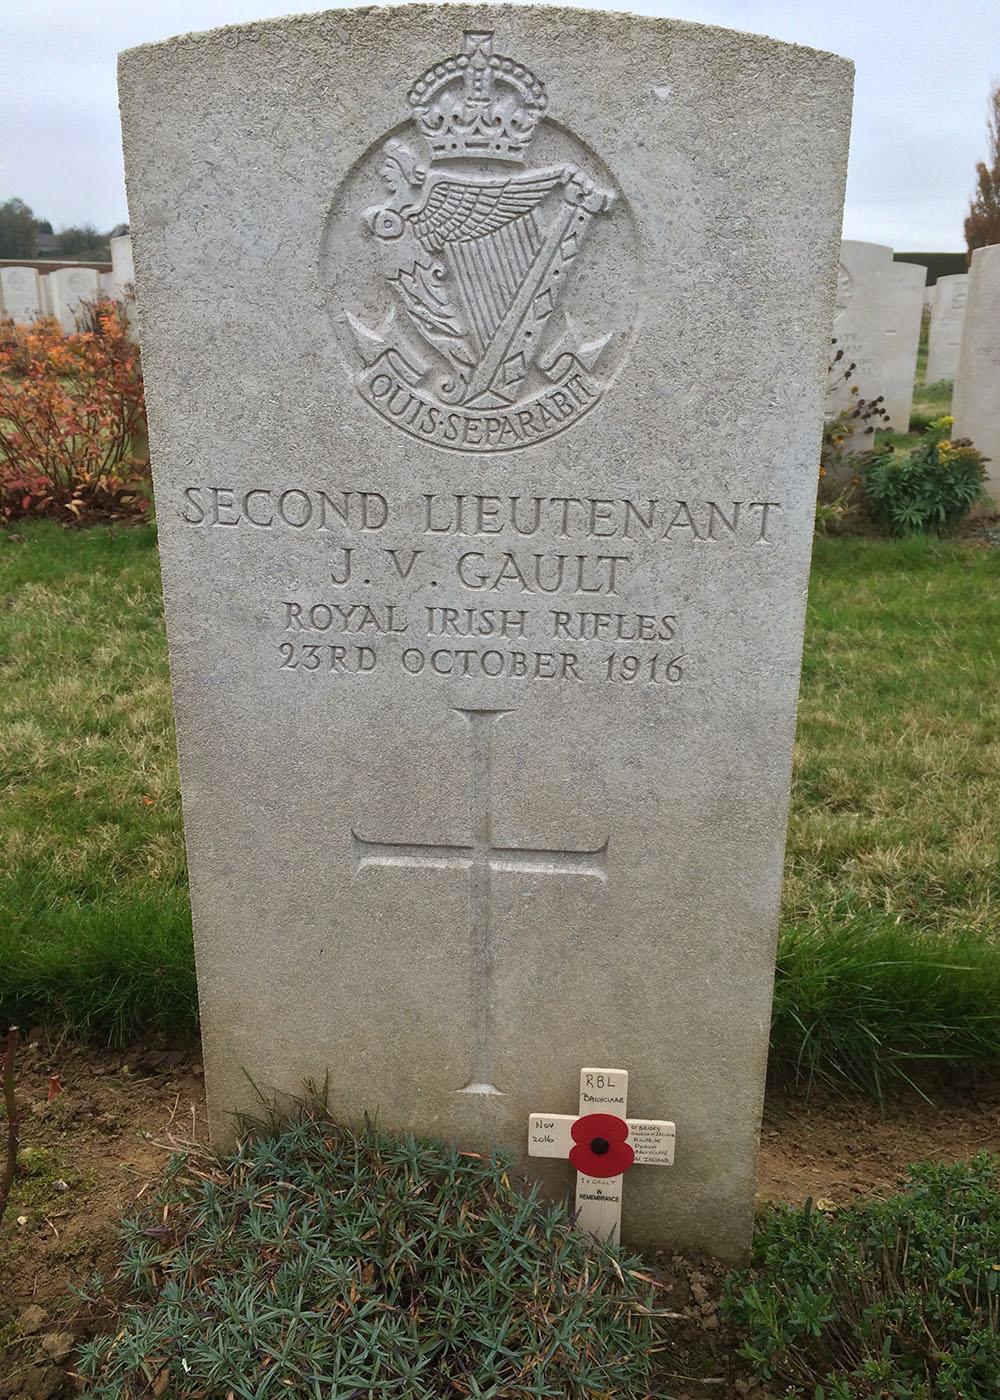 CWGC Memorial in Bancourt British Cemetery, Pas de Calais, France